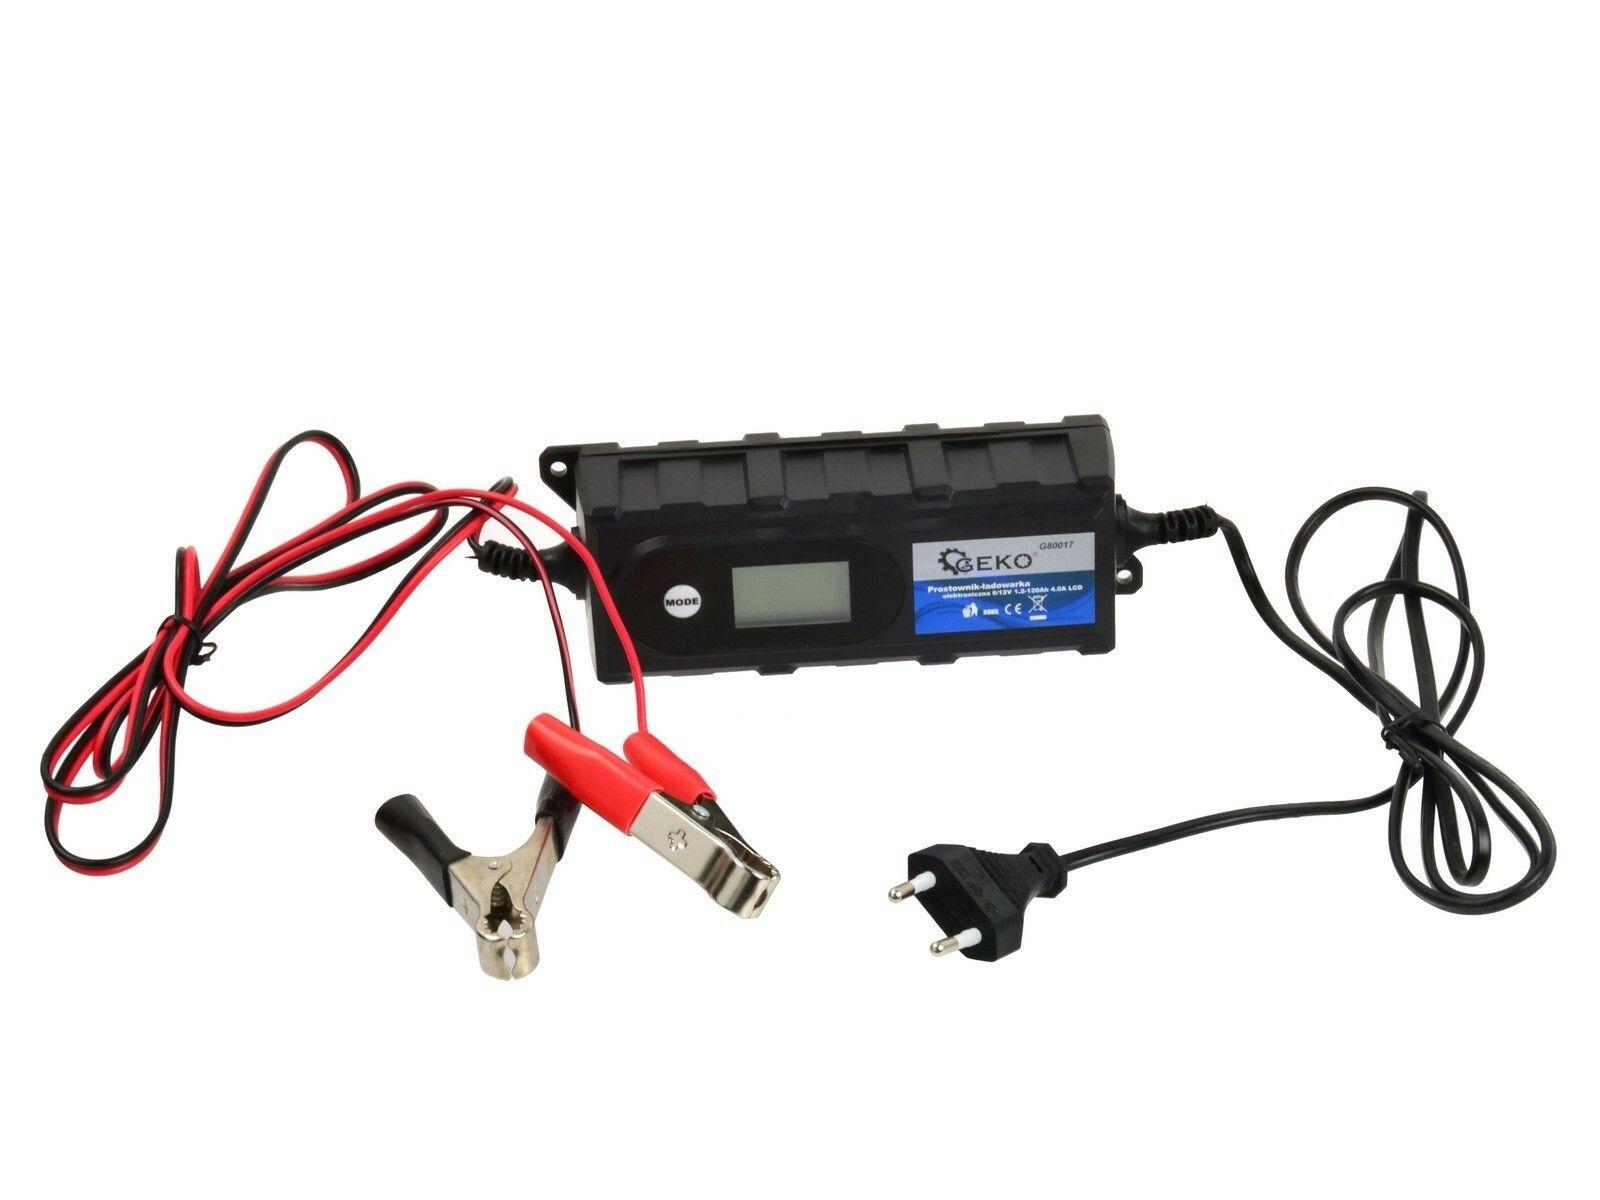 GEKO G80017 Nabíječka baterií 6/12V 1,2-120Ah 4,0A LCD